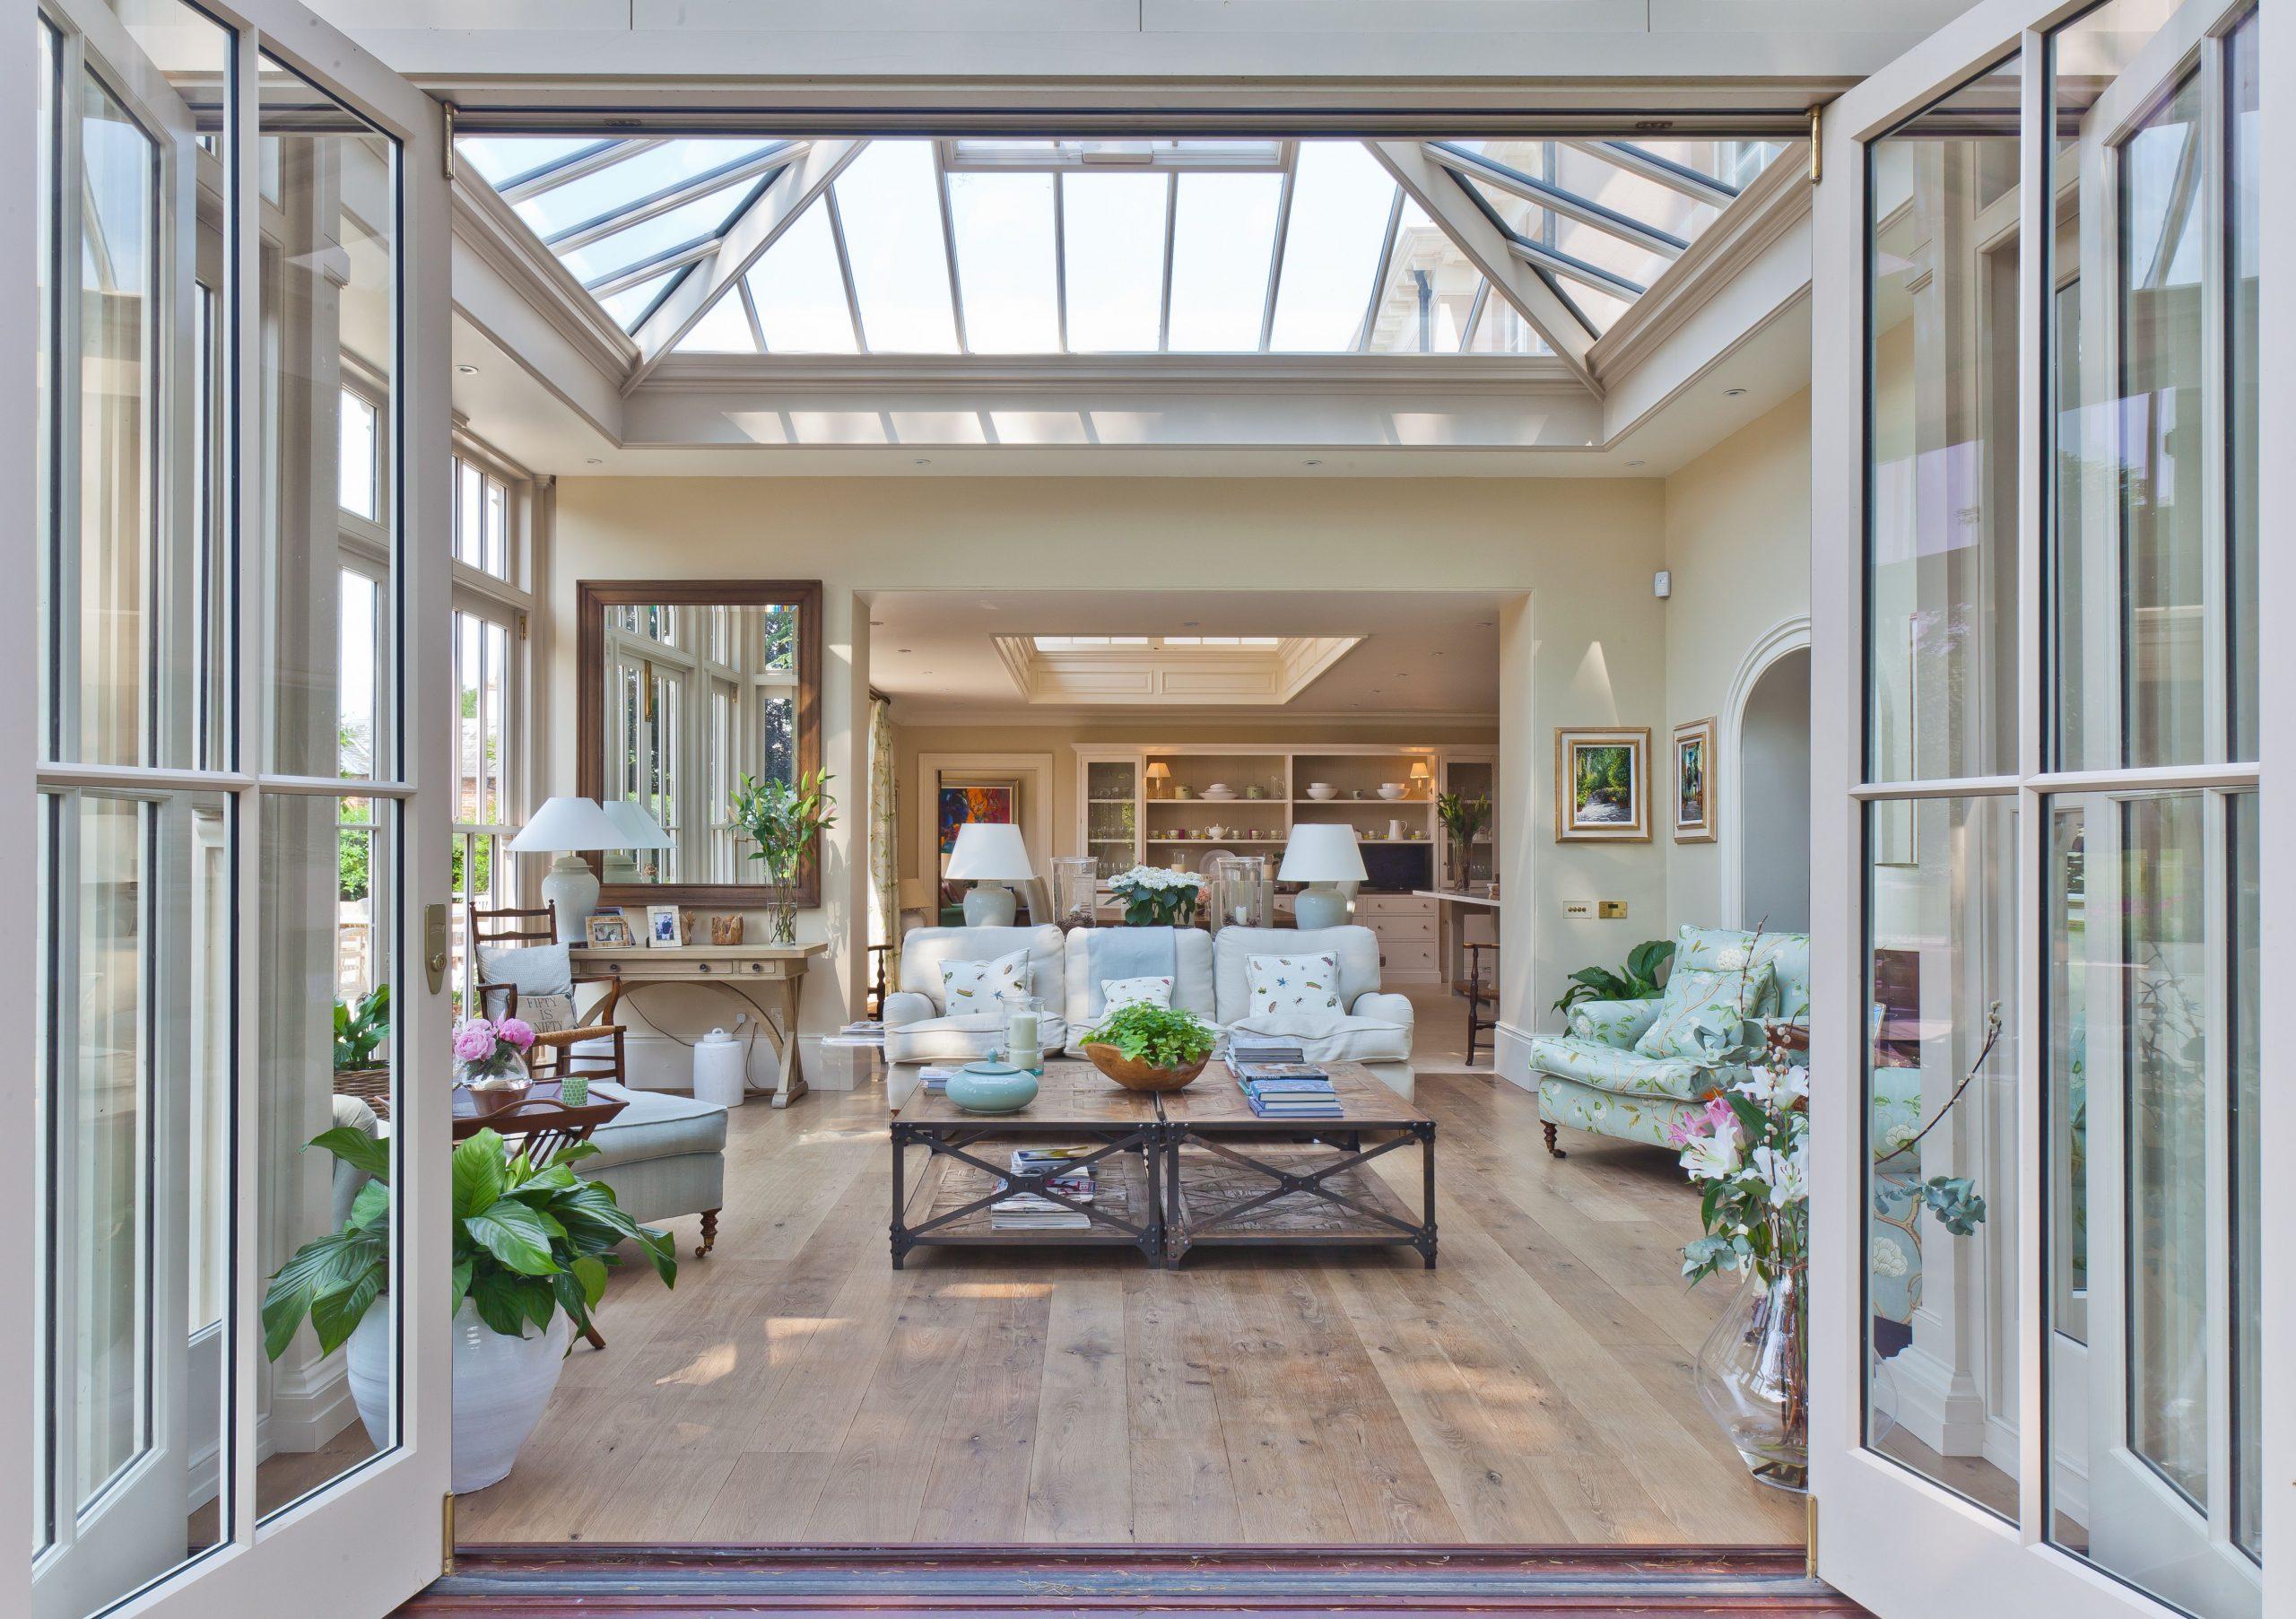 custom glass sunroom ceiling with folding doors wood floors beautiful design sunroom builder nj